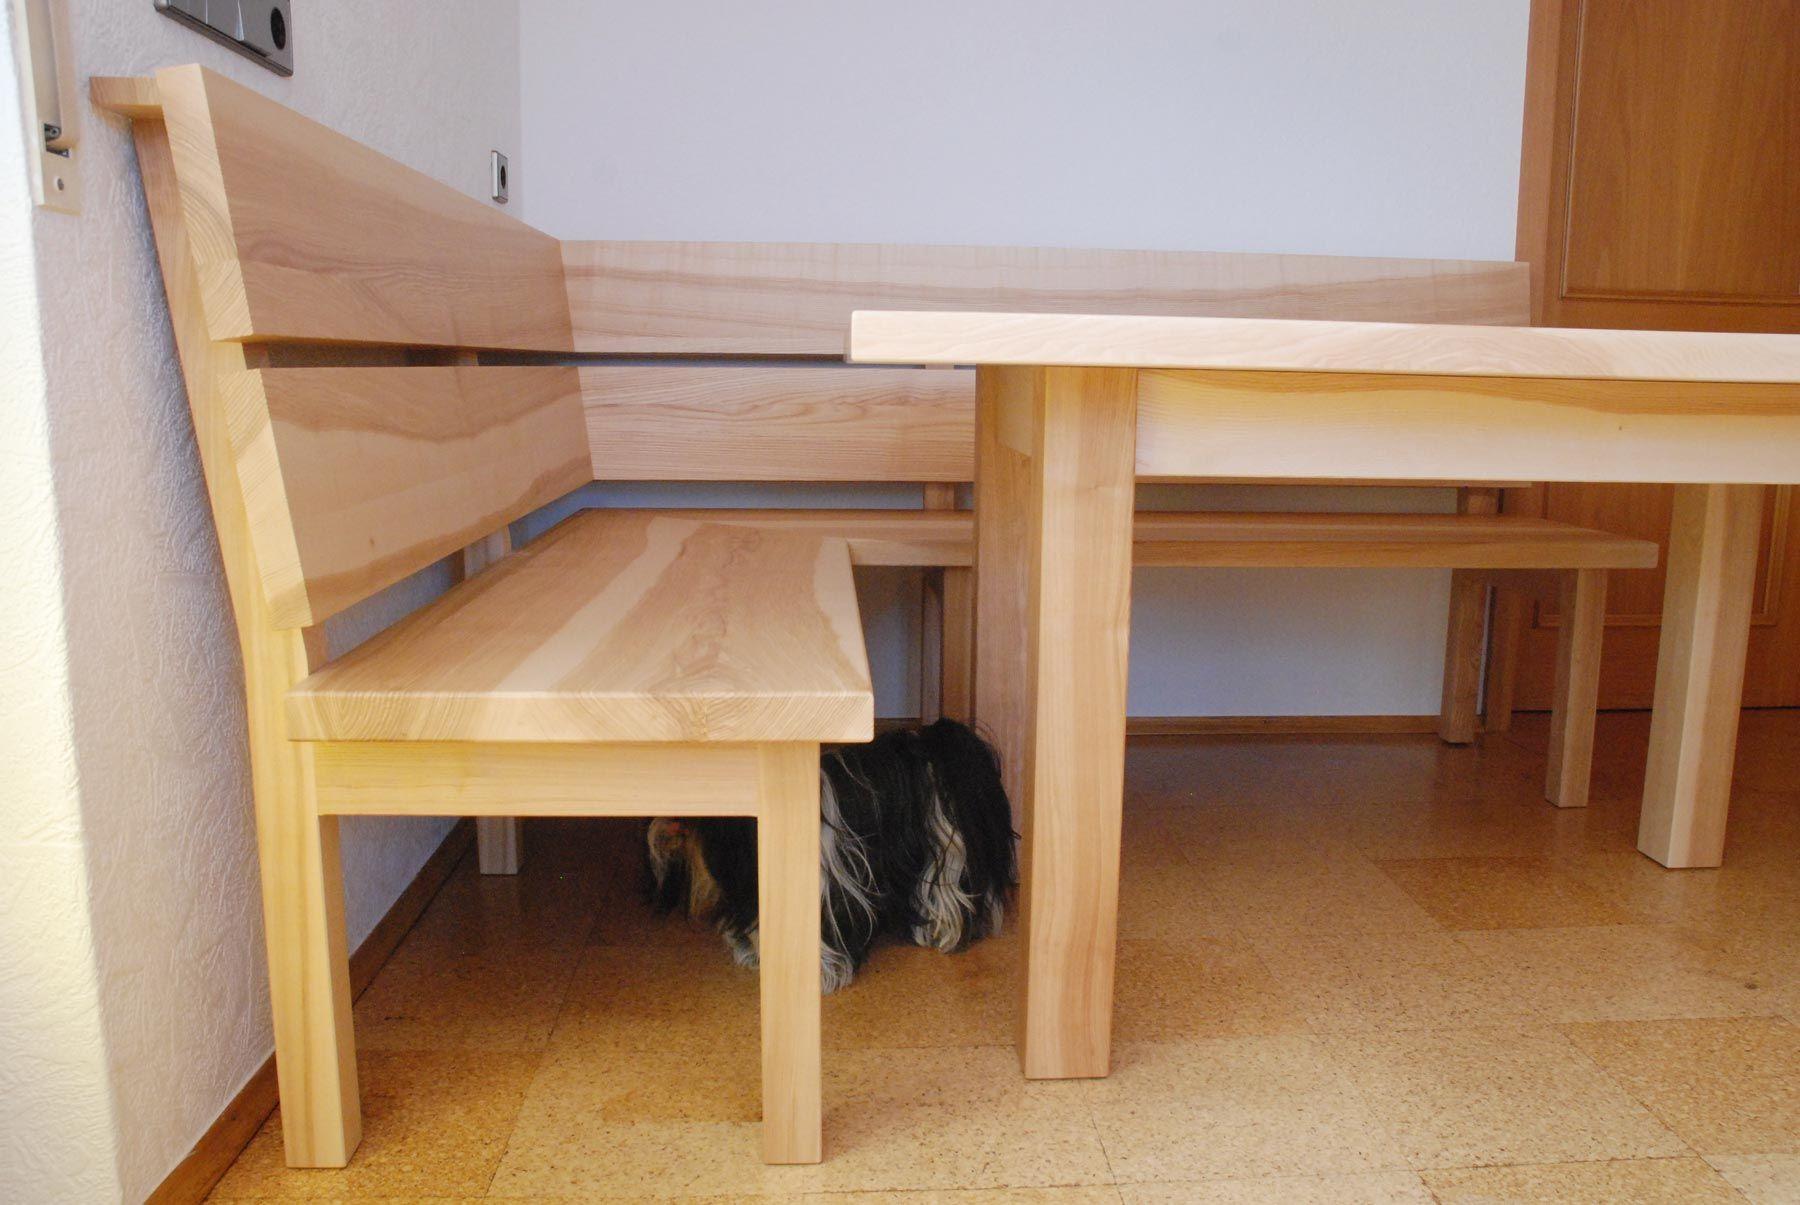 tisch und bank f r das esszimmer aus esche ideen rund ums haus in 2019 pinterest b nke. Black Bedroom Furniture Sets. Home Design Ideas